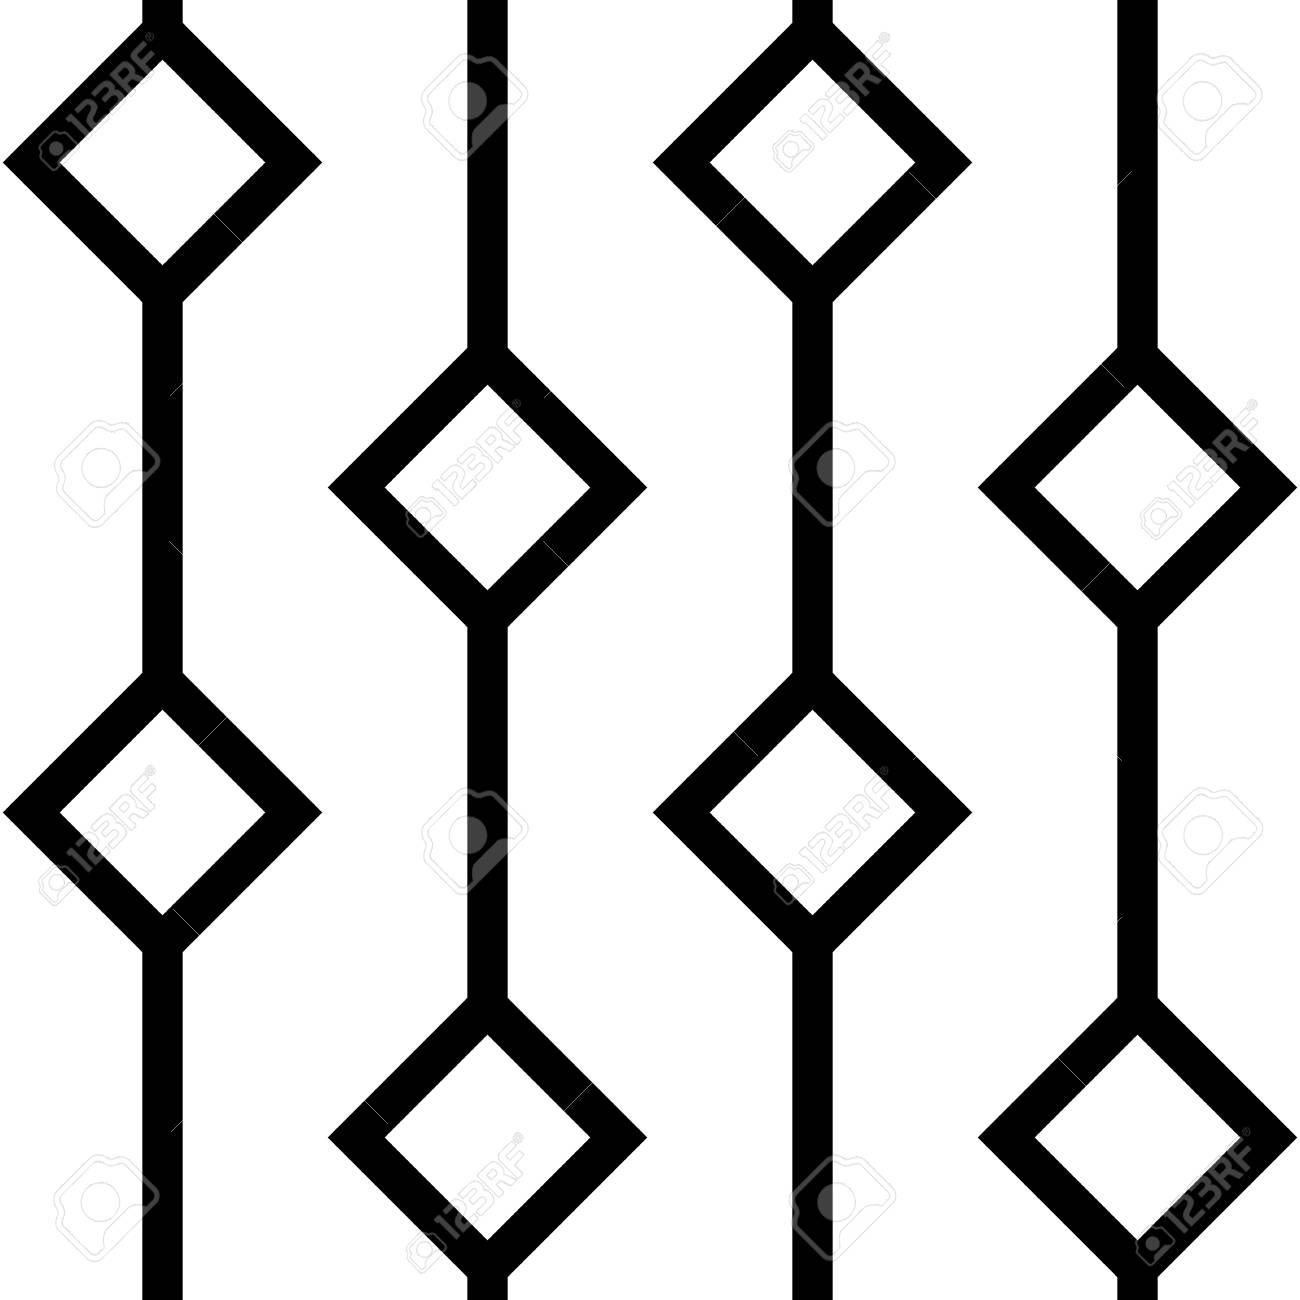 Fondos De Escritorio De Diseño De Interiores. Diseño Gráfico Moderno ...